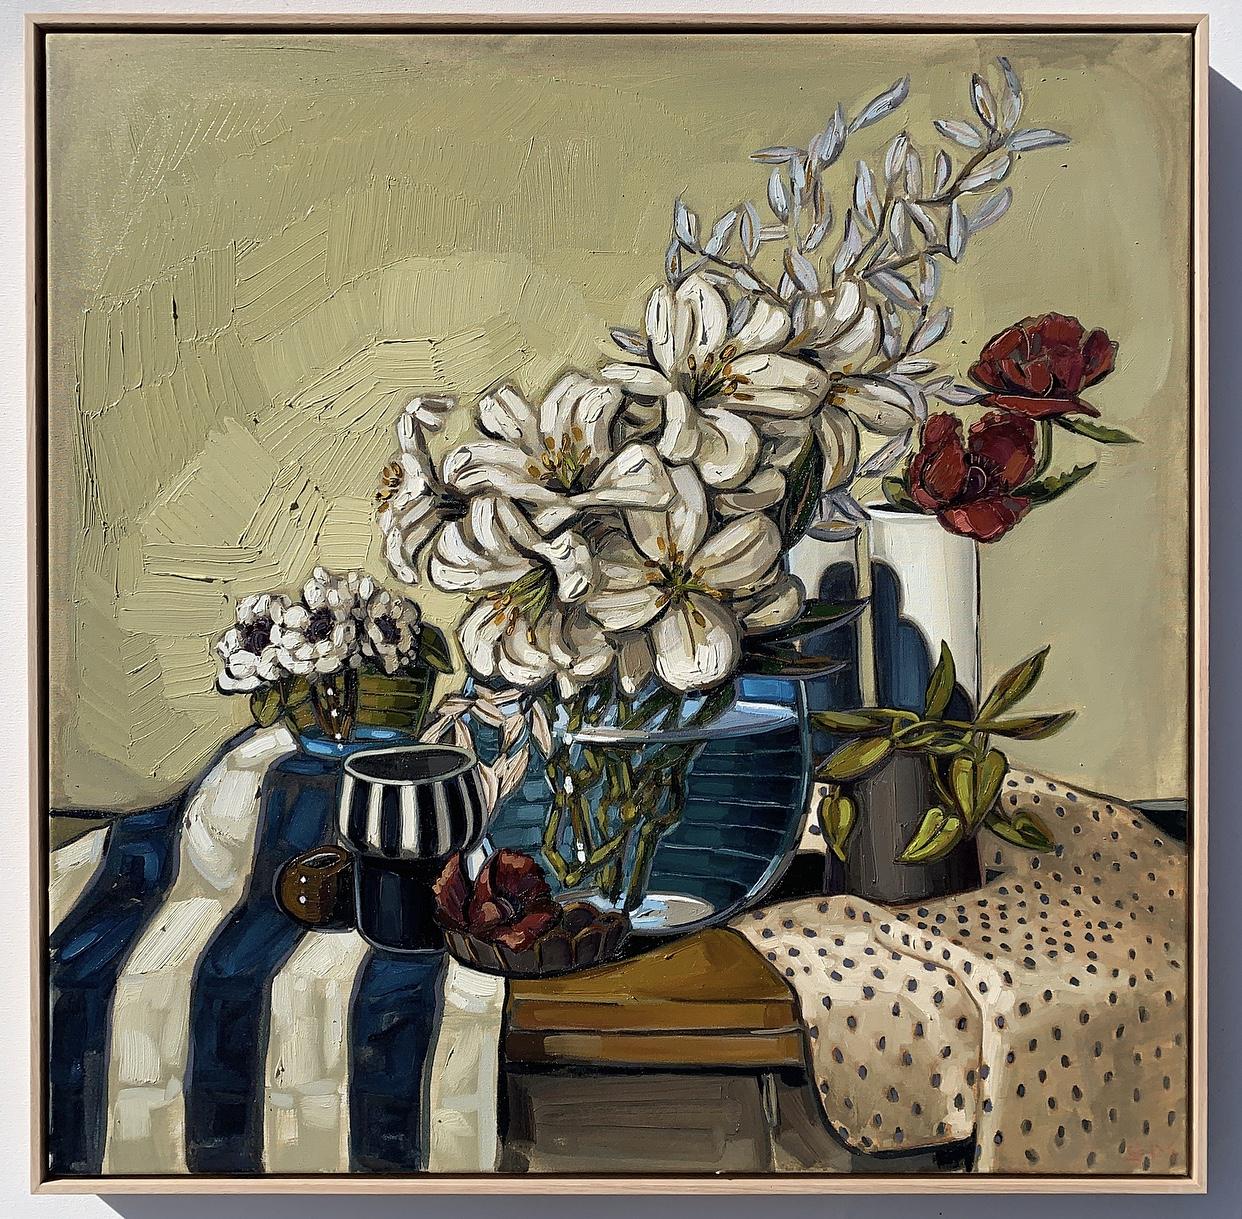 sam michelle 'anenomes, lillies & giant